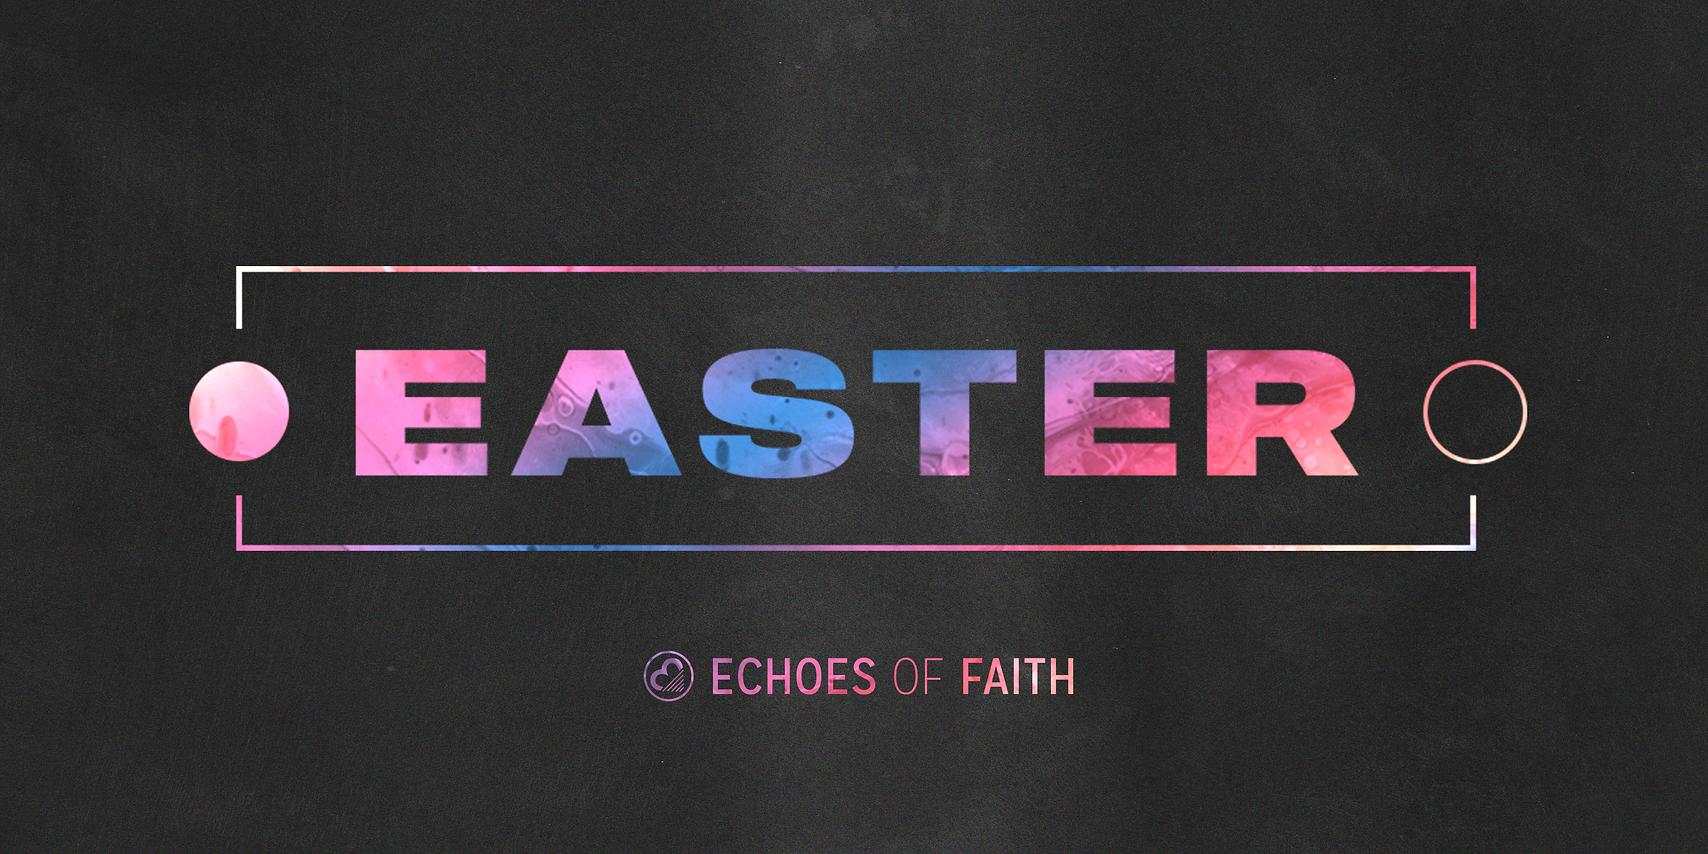 eof-easter-banner.png